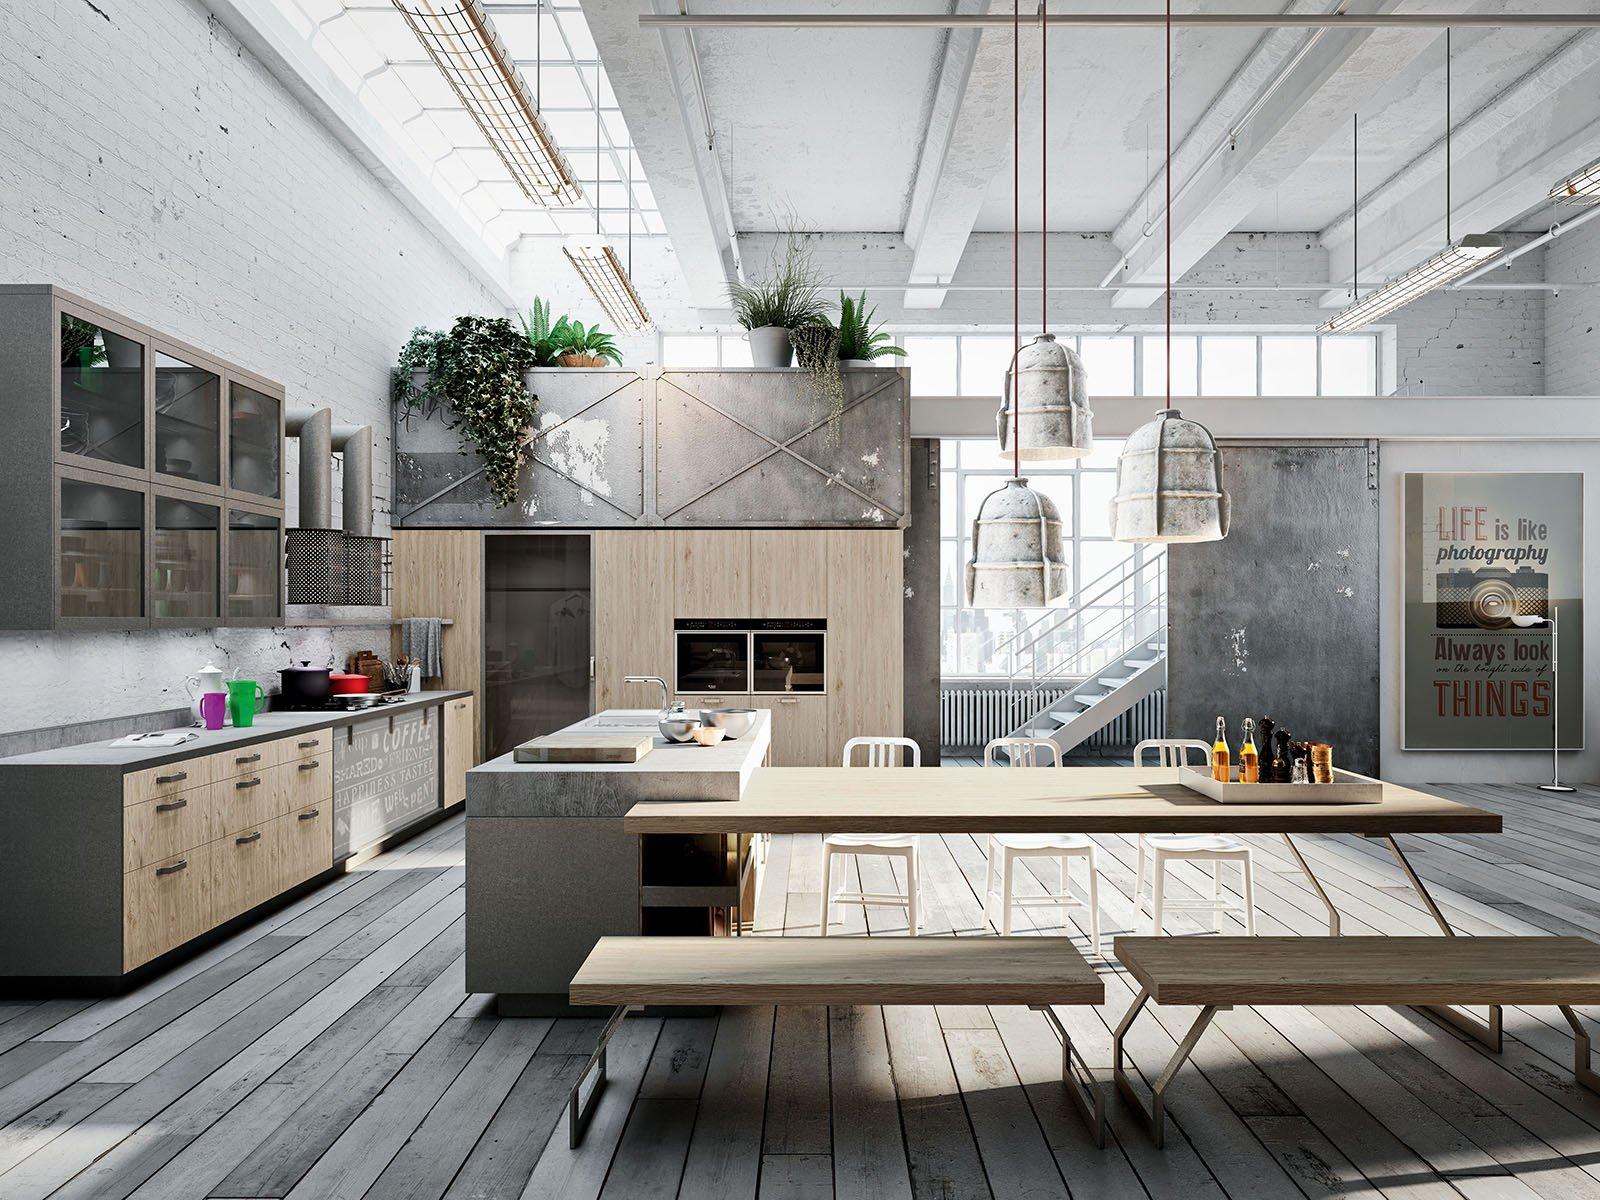 Arredare La Cucina. Tavolo Compreso Cose Di Casa #5B4E41 1600 1200 Arredare Mensole Cucina Moderna